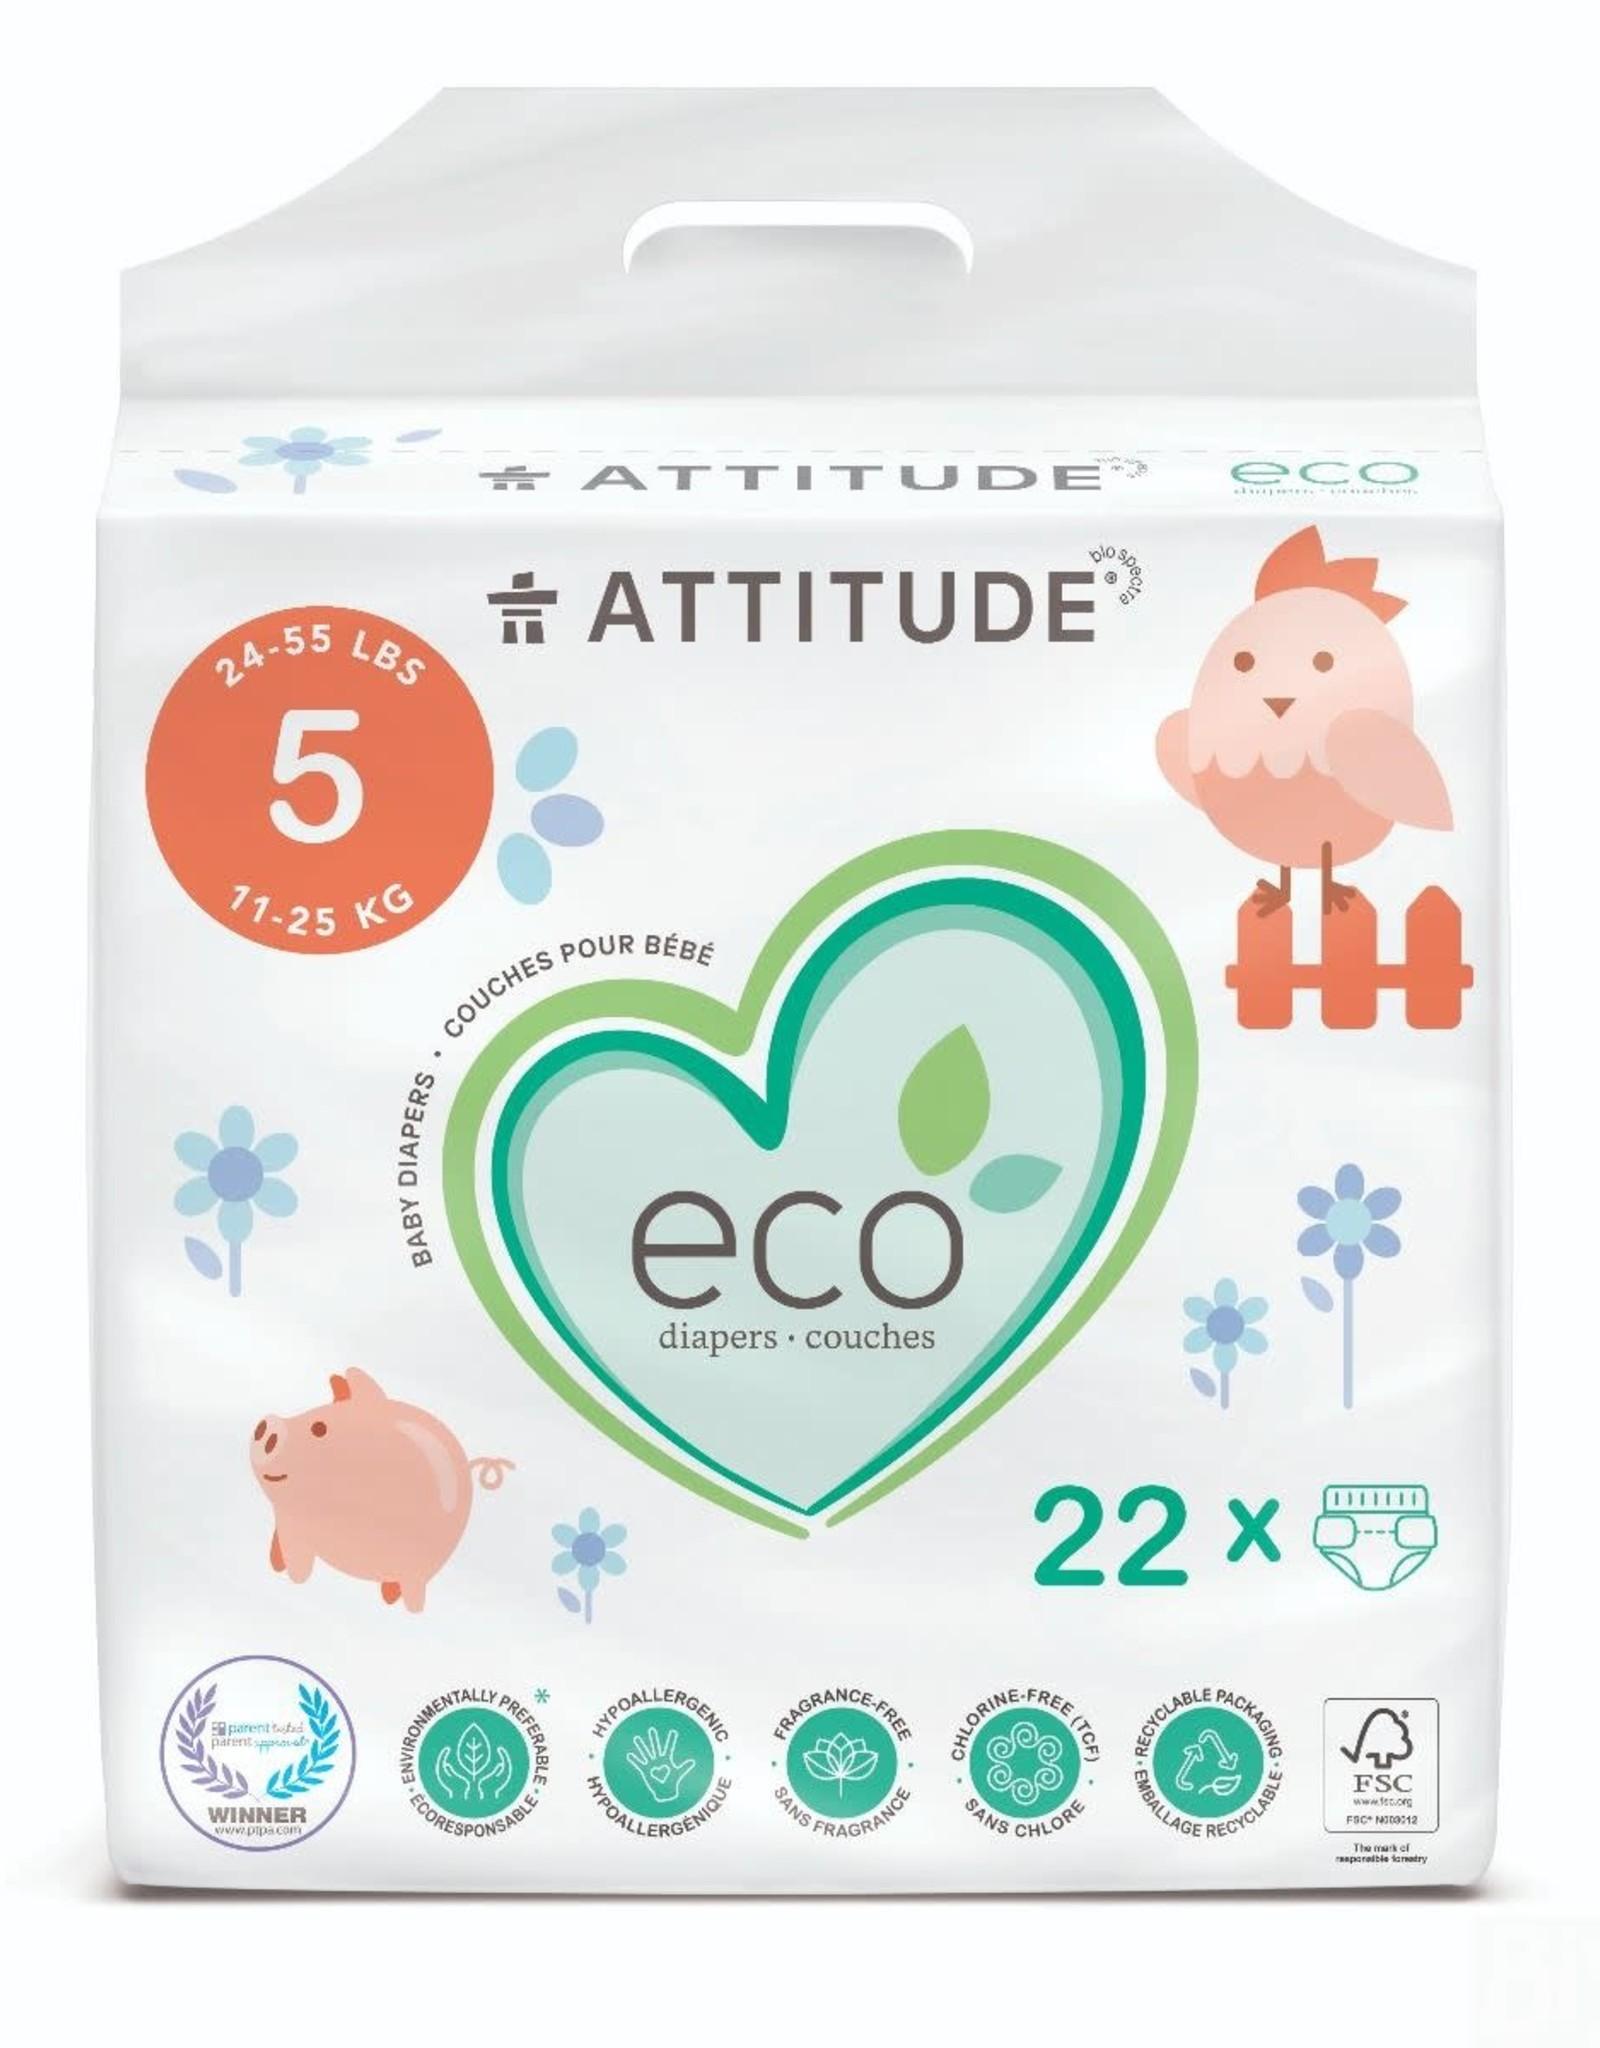 Attitude Attitude babycare Newborn 5 - 11-25kg